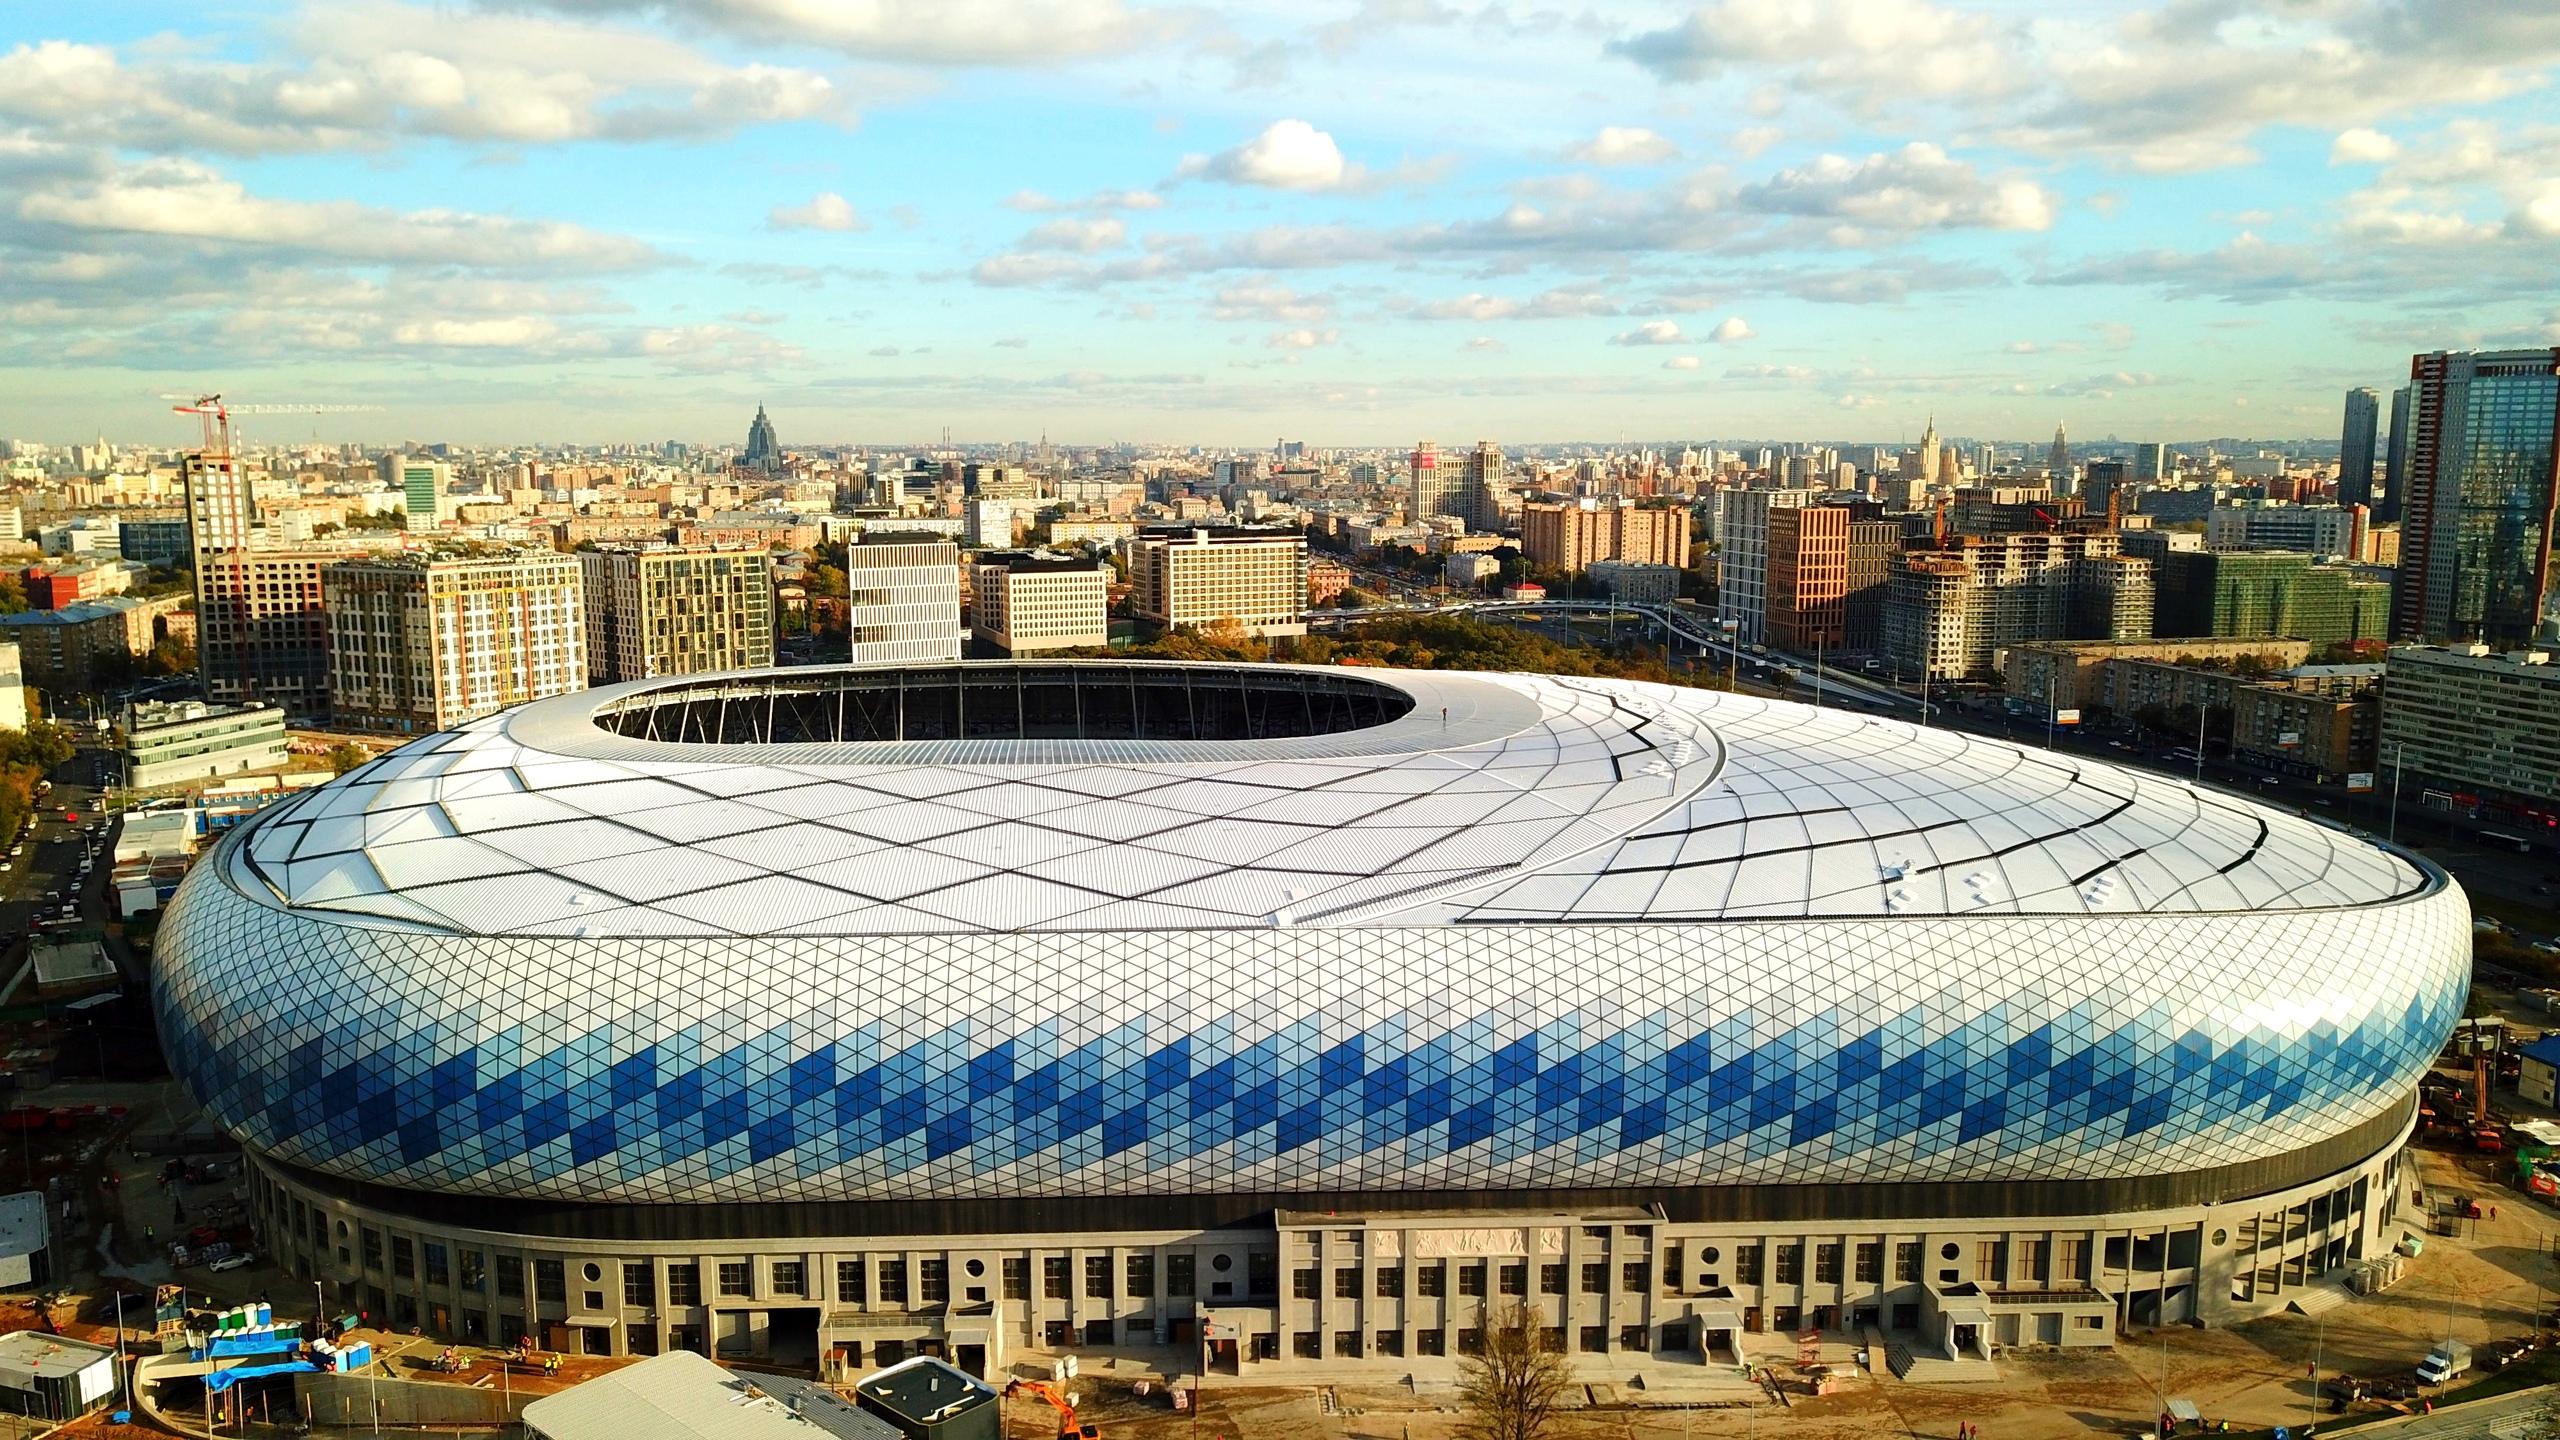 ВТБ Арена, стадион Динамо Москва